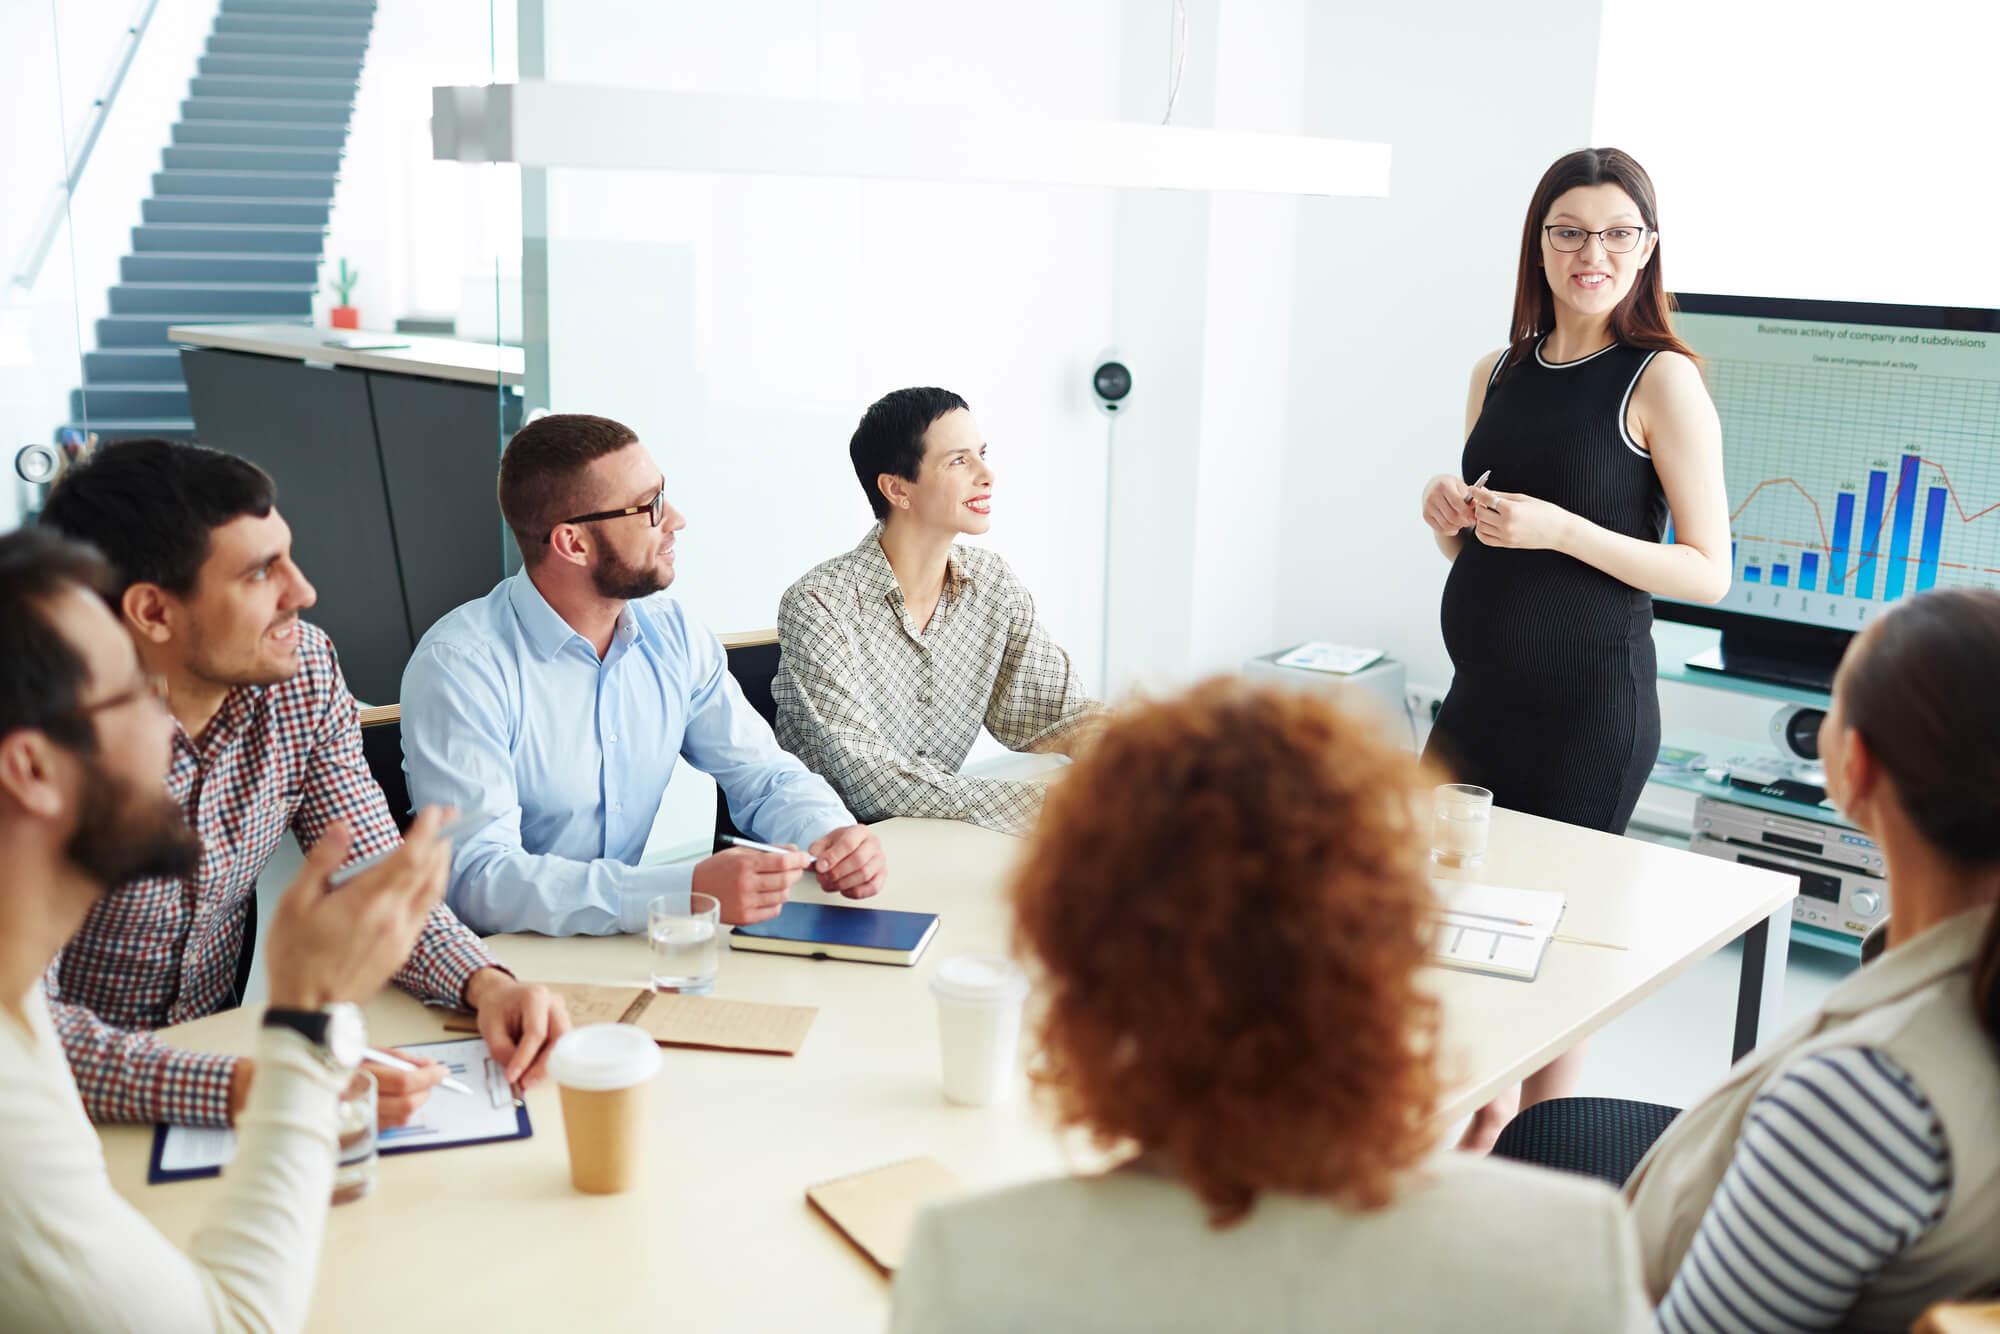 Conheça as 6 novas tendências em educação corporativa